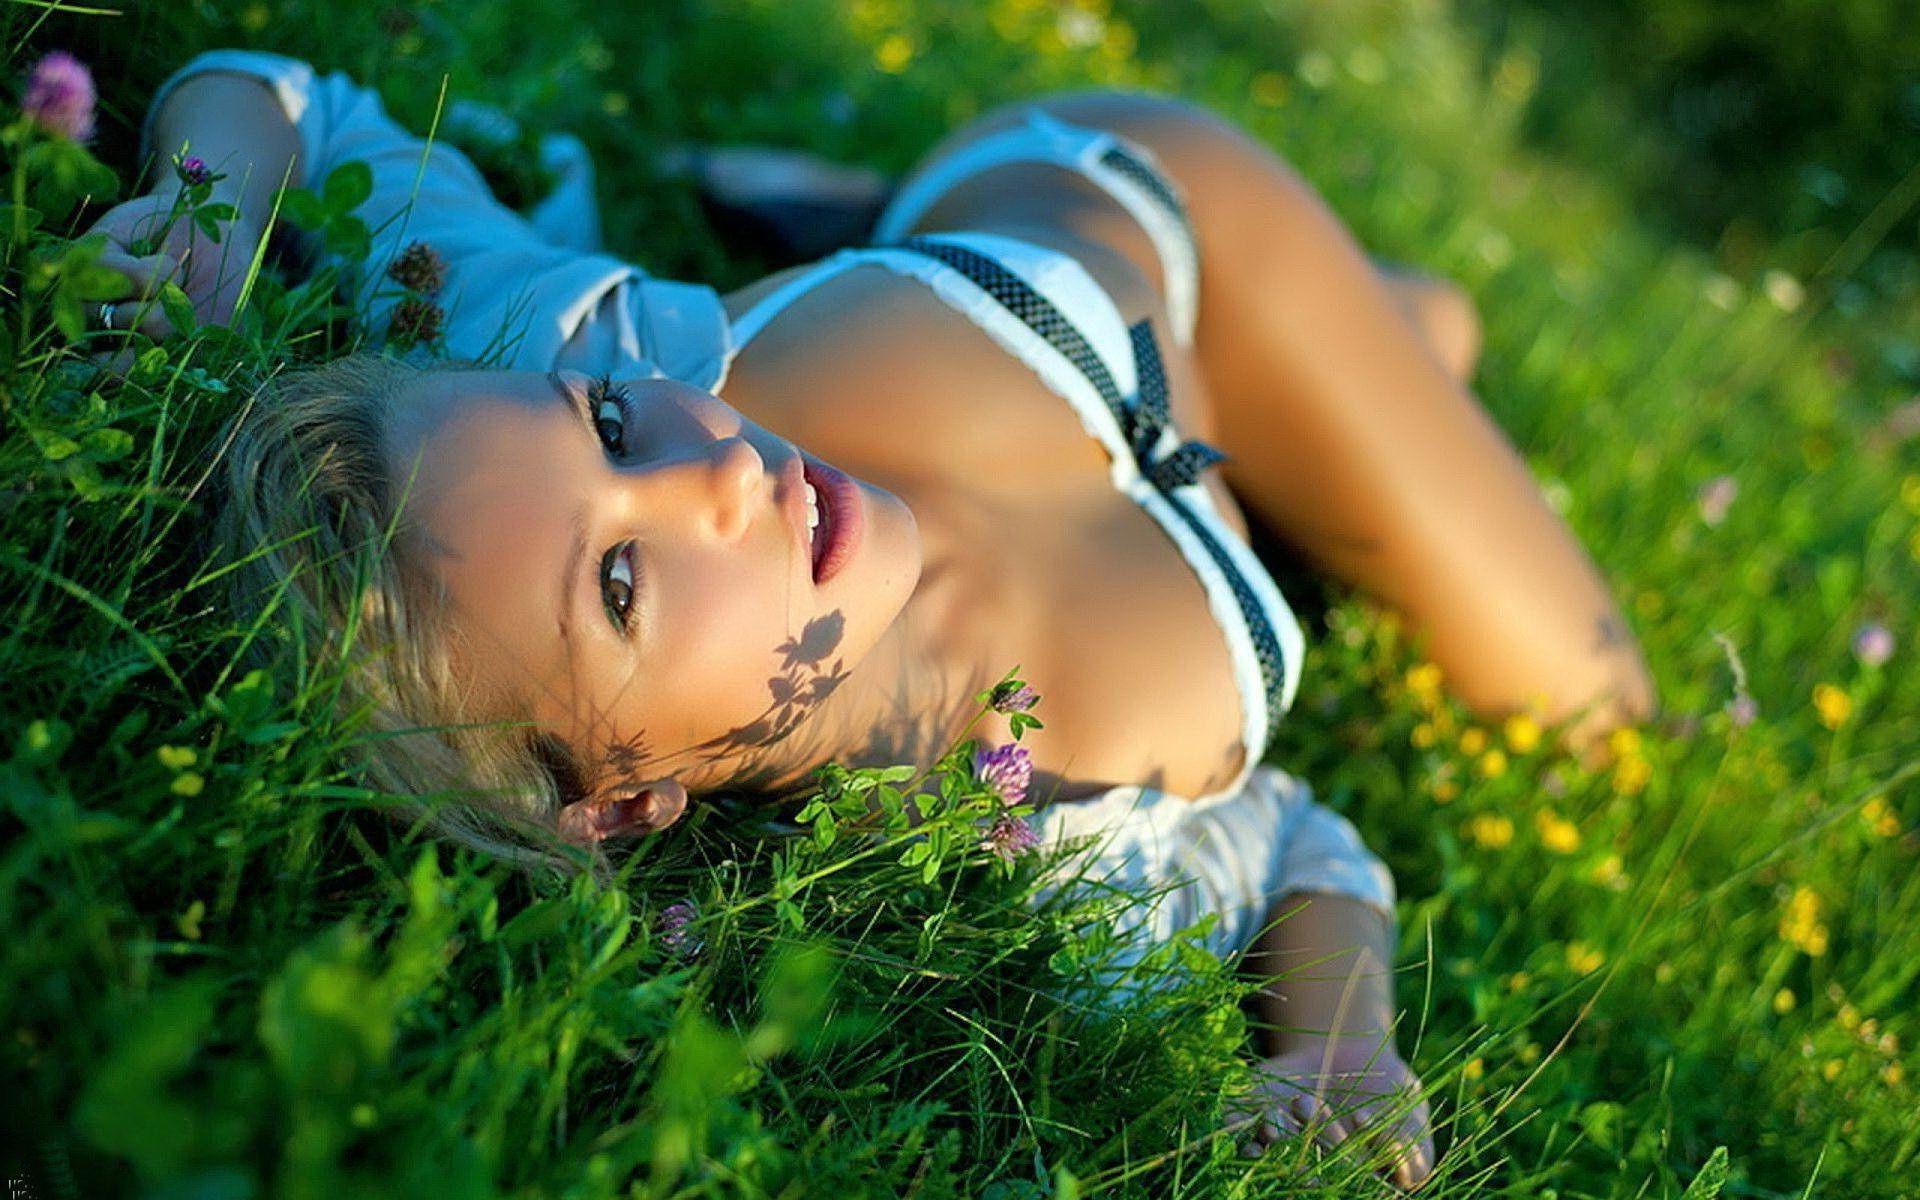 Супер фото девушки и лето